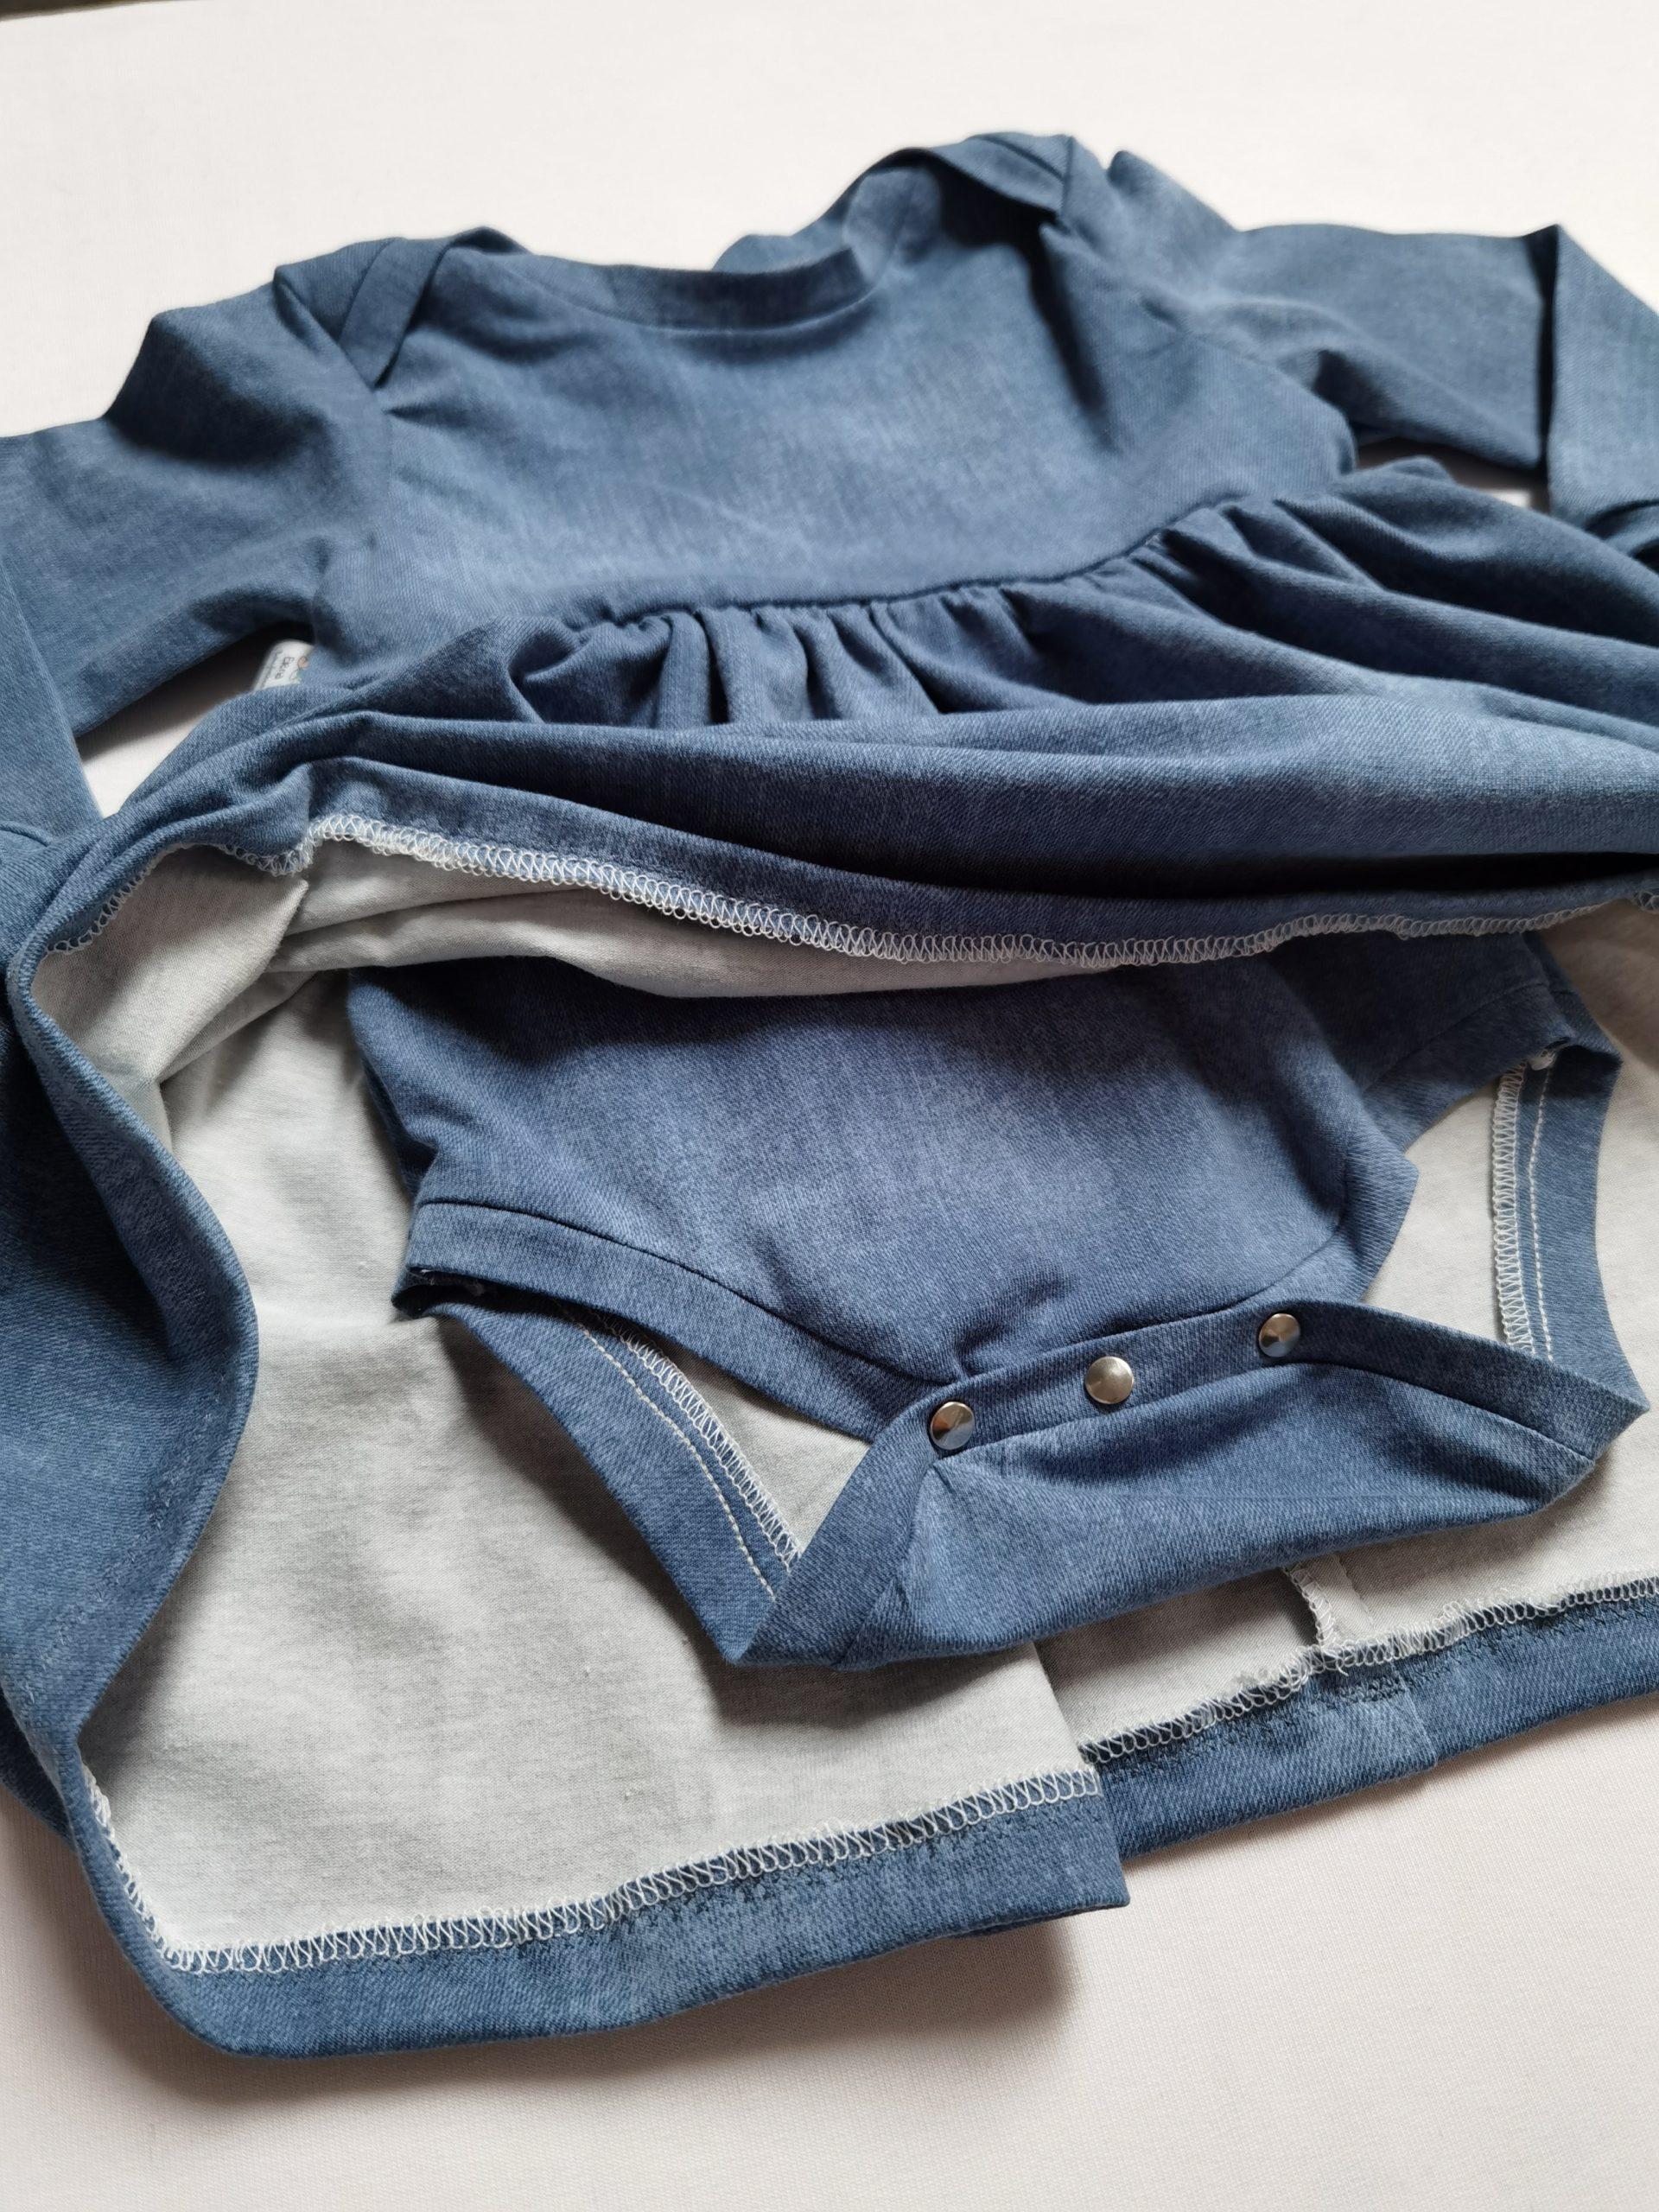 Bodykleid mit jeansfarbigem Stoff Nahaufnahme body